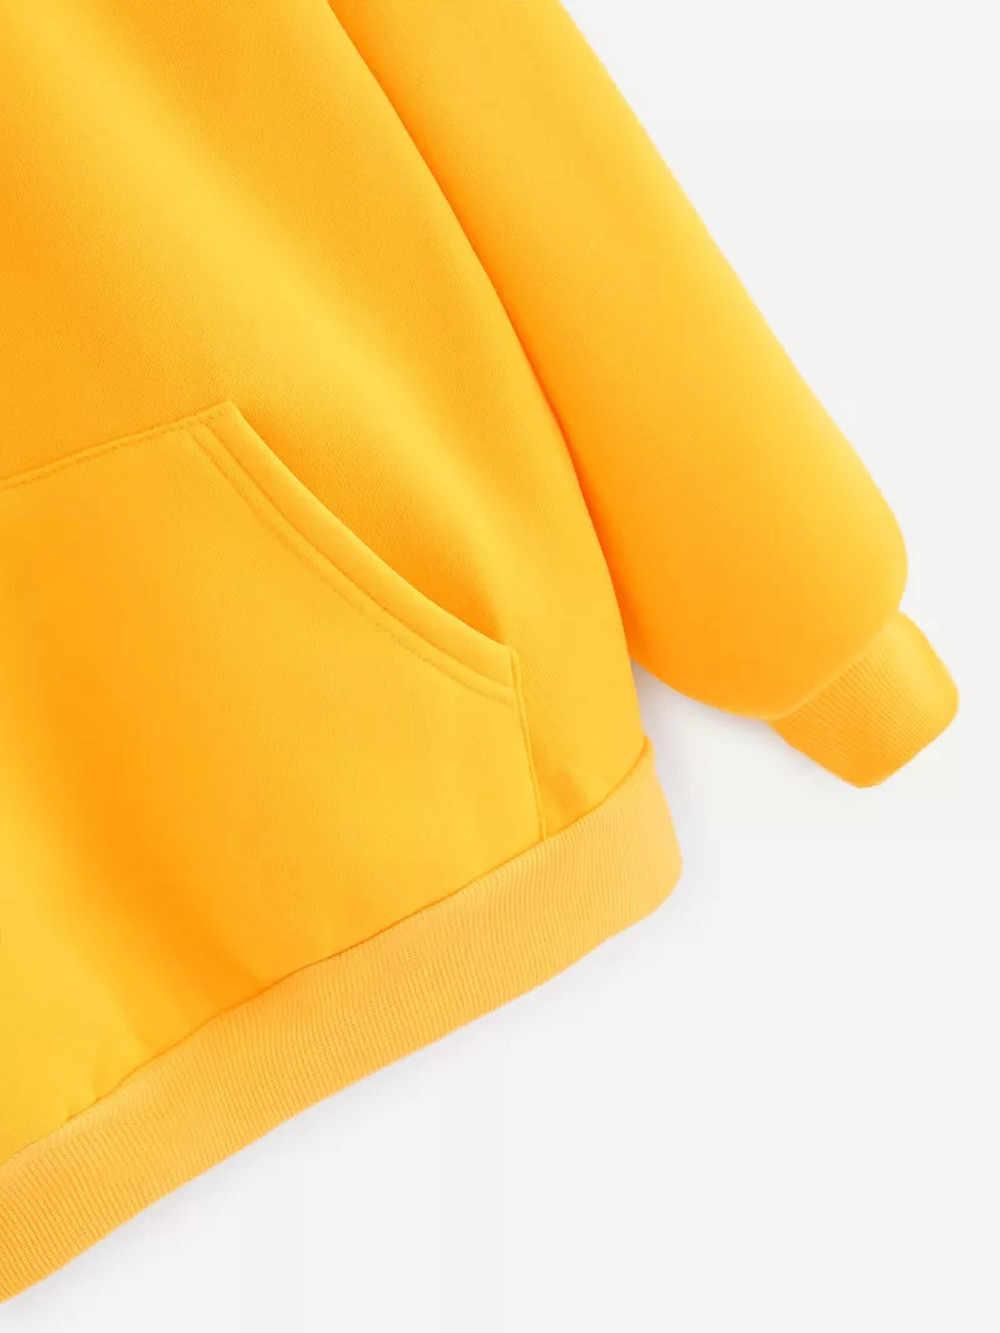 Kuning Hoodies Wanita Kaus Lengan Panjang Hoodie Sweatshirt Berkerudung Pullover Tops Blus dengan Saku Pakaian Fashion